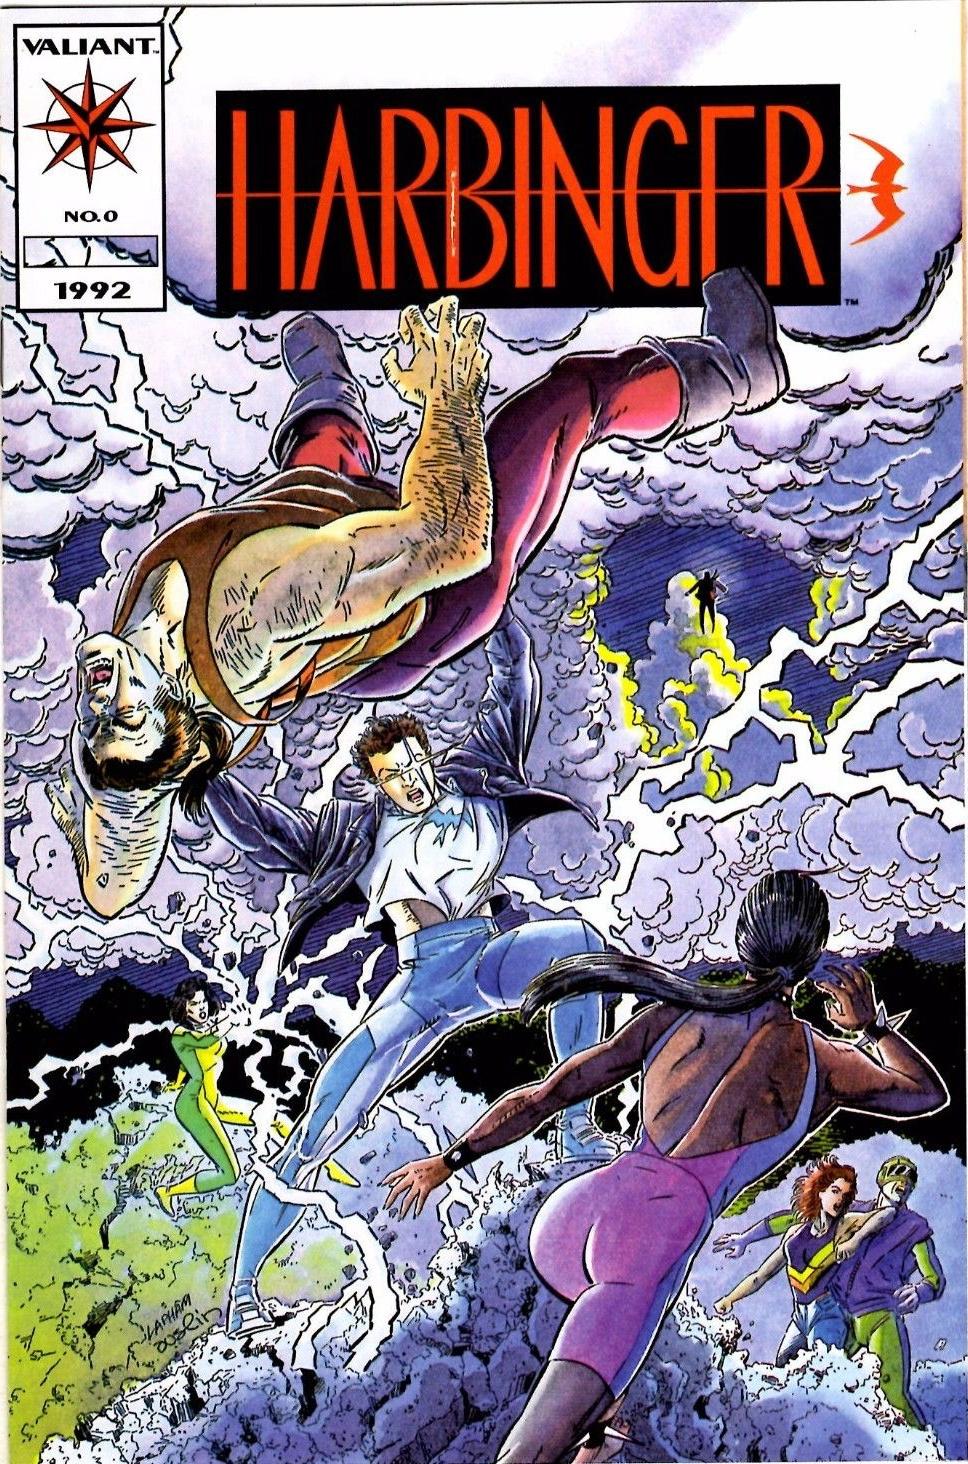 Combat entre mutants dans Harbinger